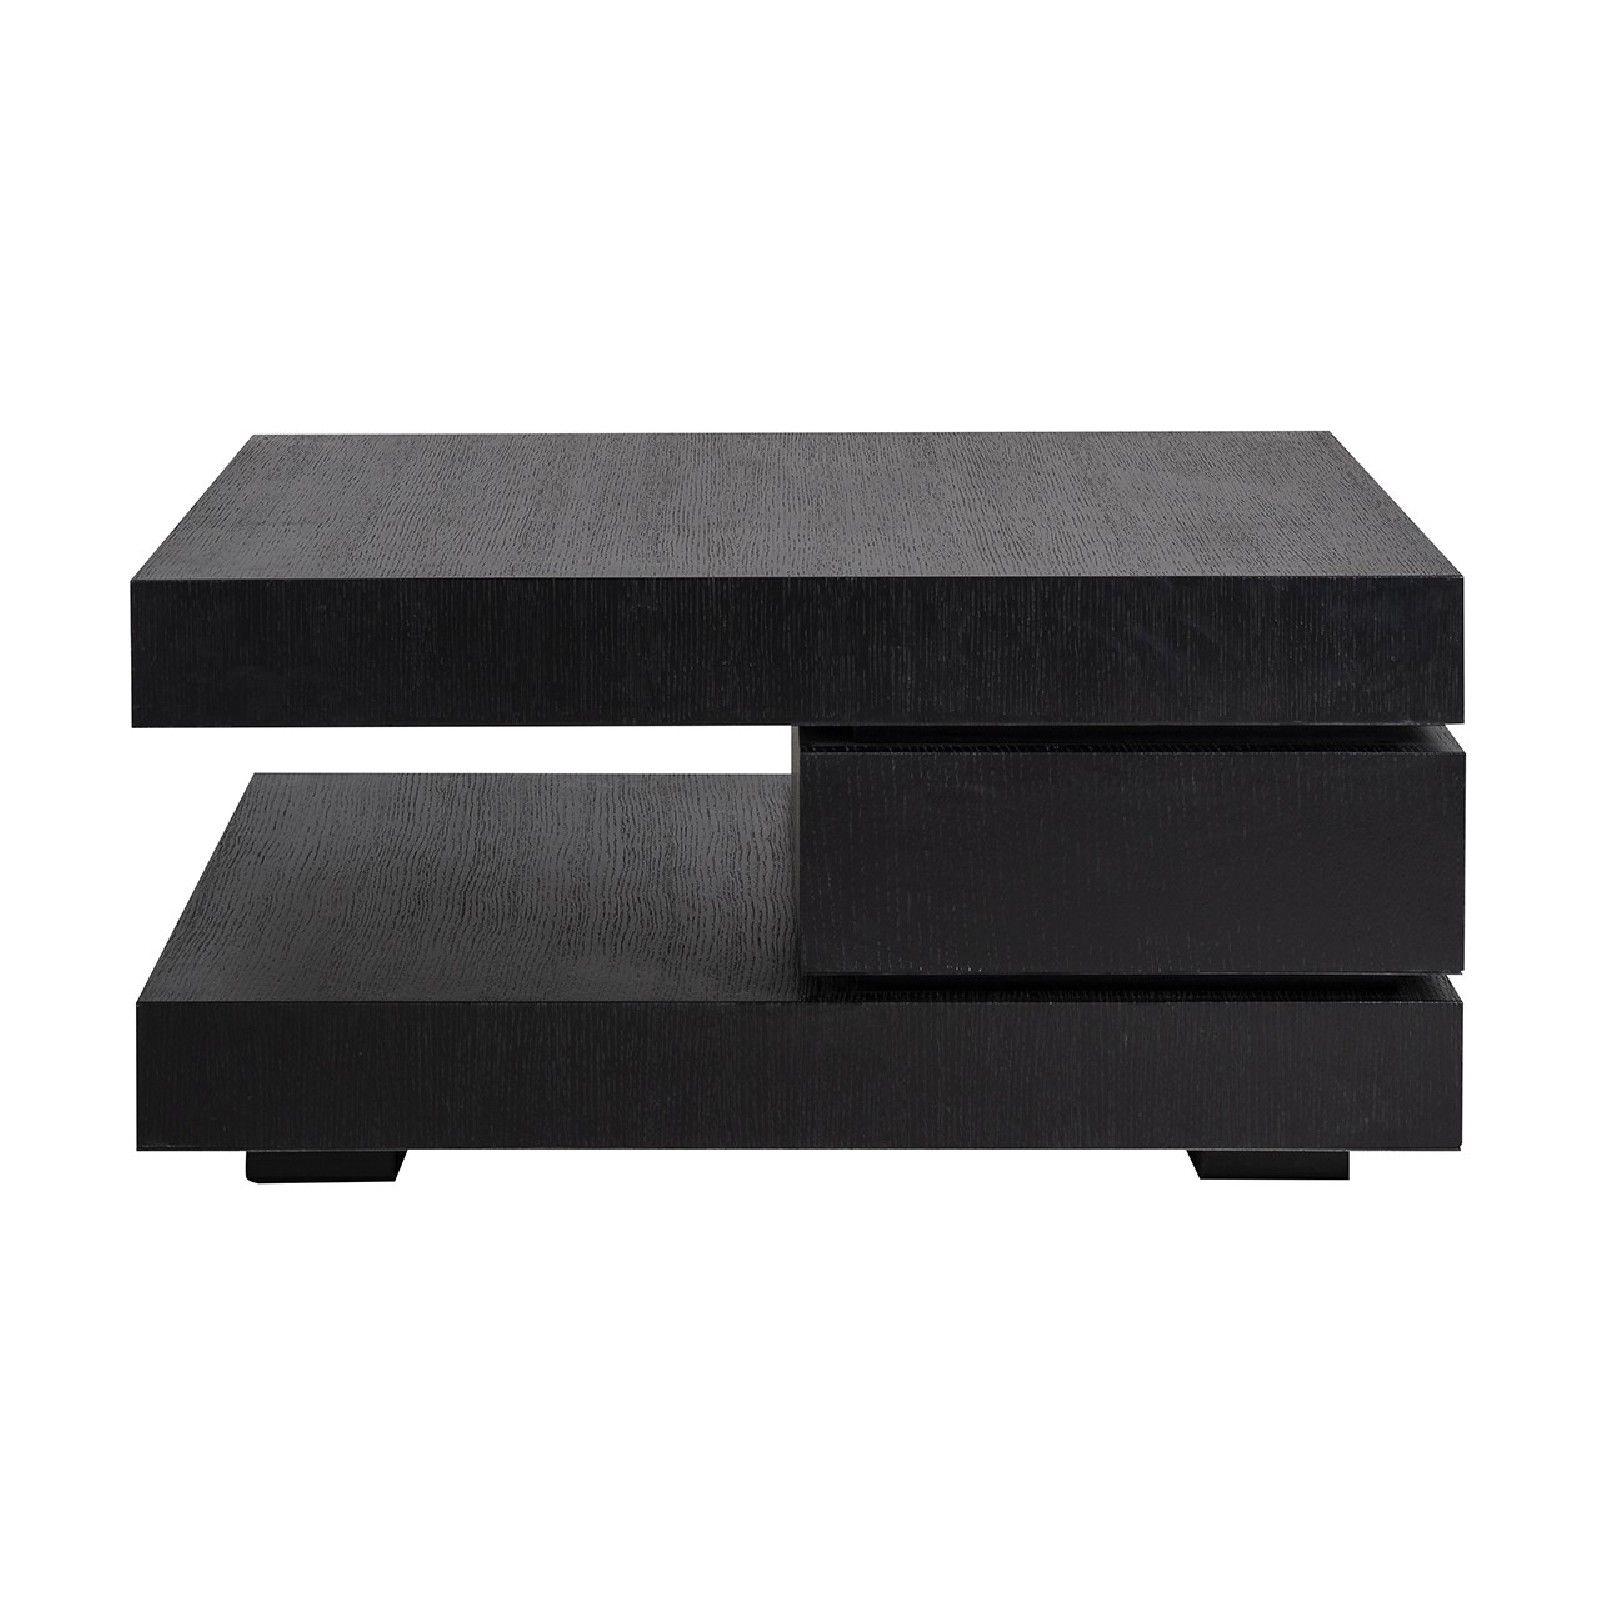 Table basse carrée noir Blok C